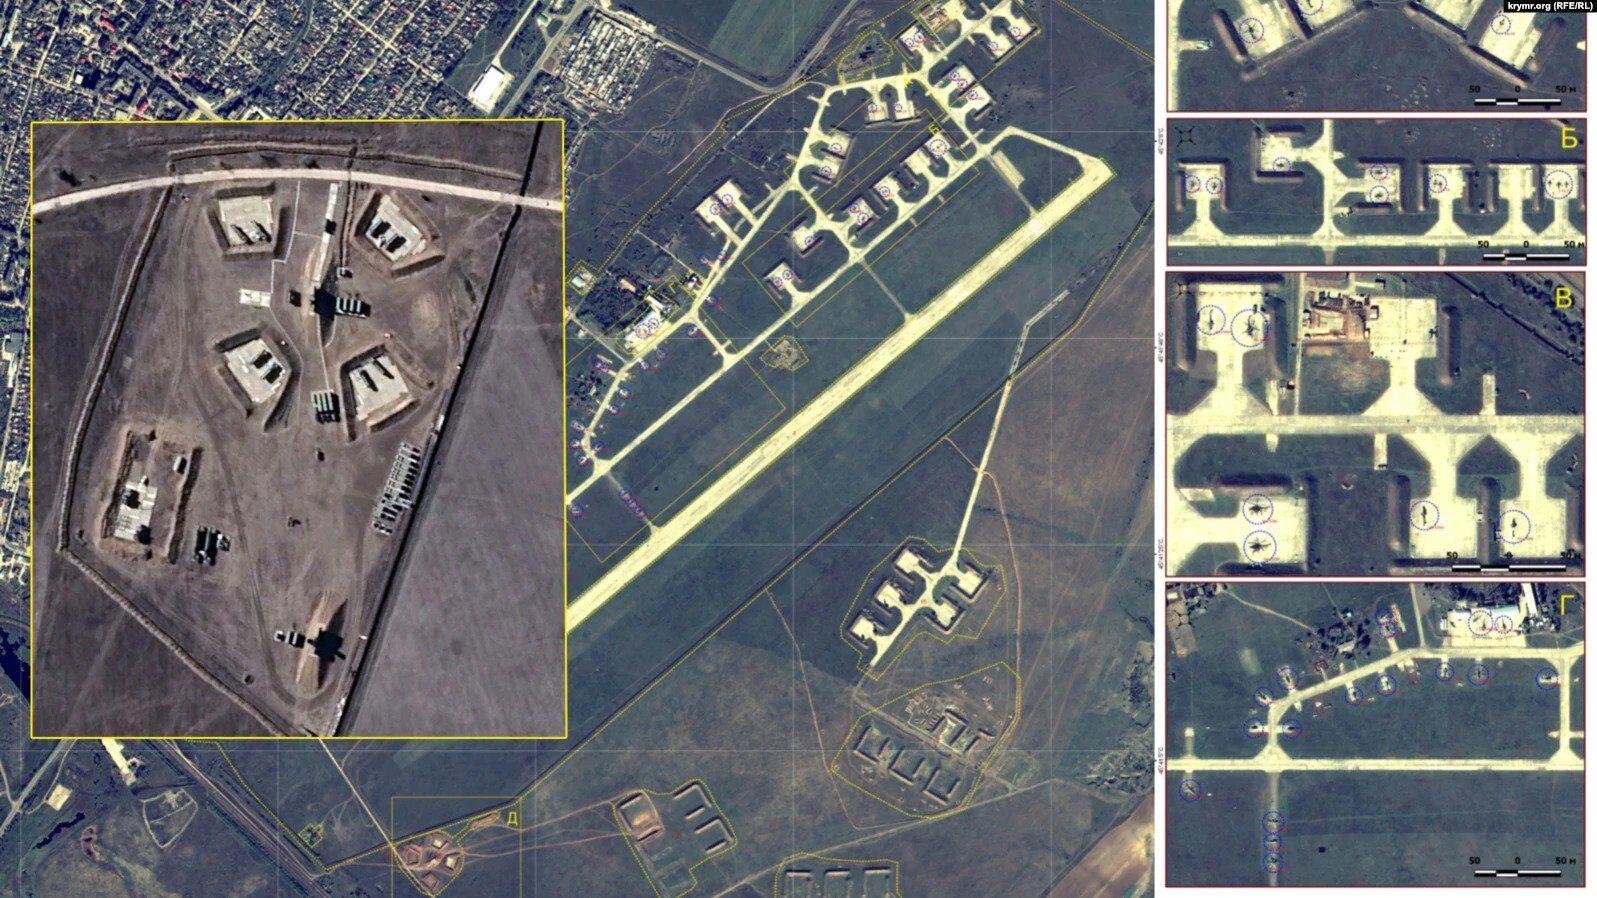 Джанкойский аэродром. Обозначения систем С-400 и вертолетов МИ-28Н